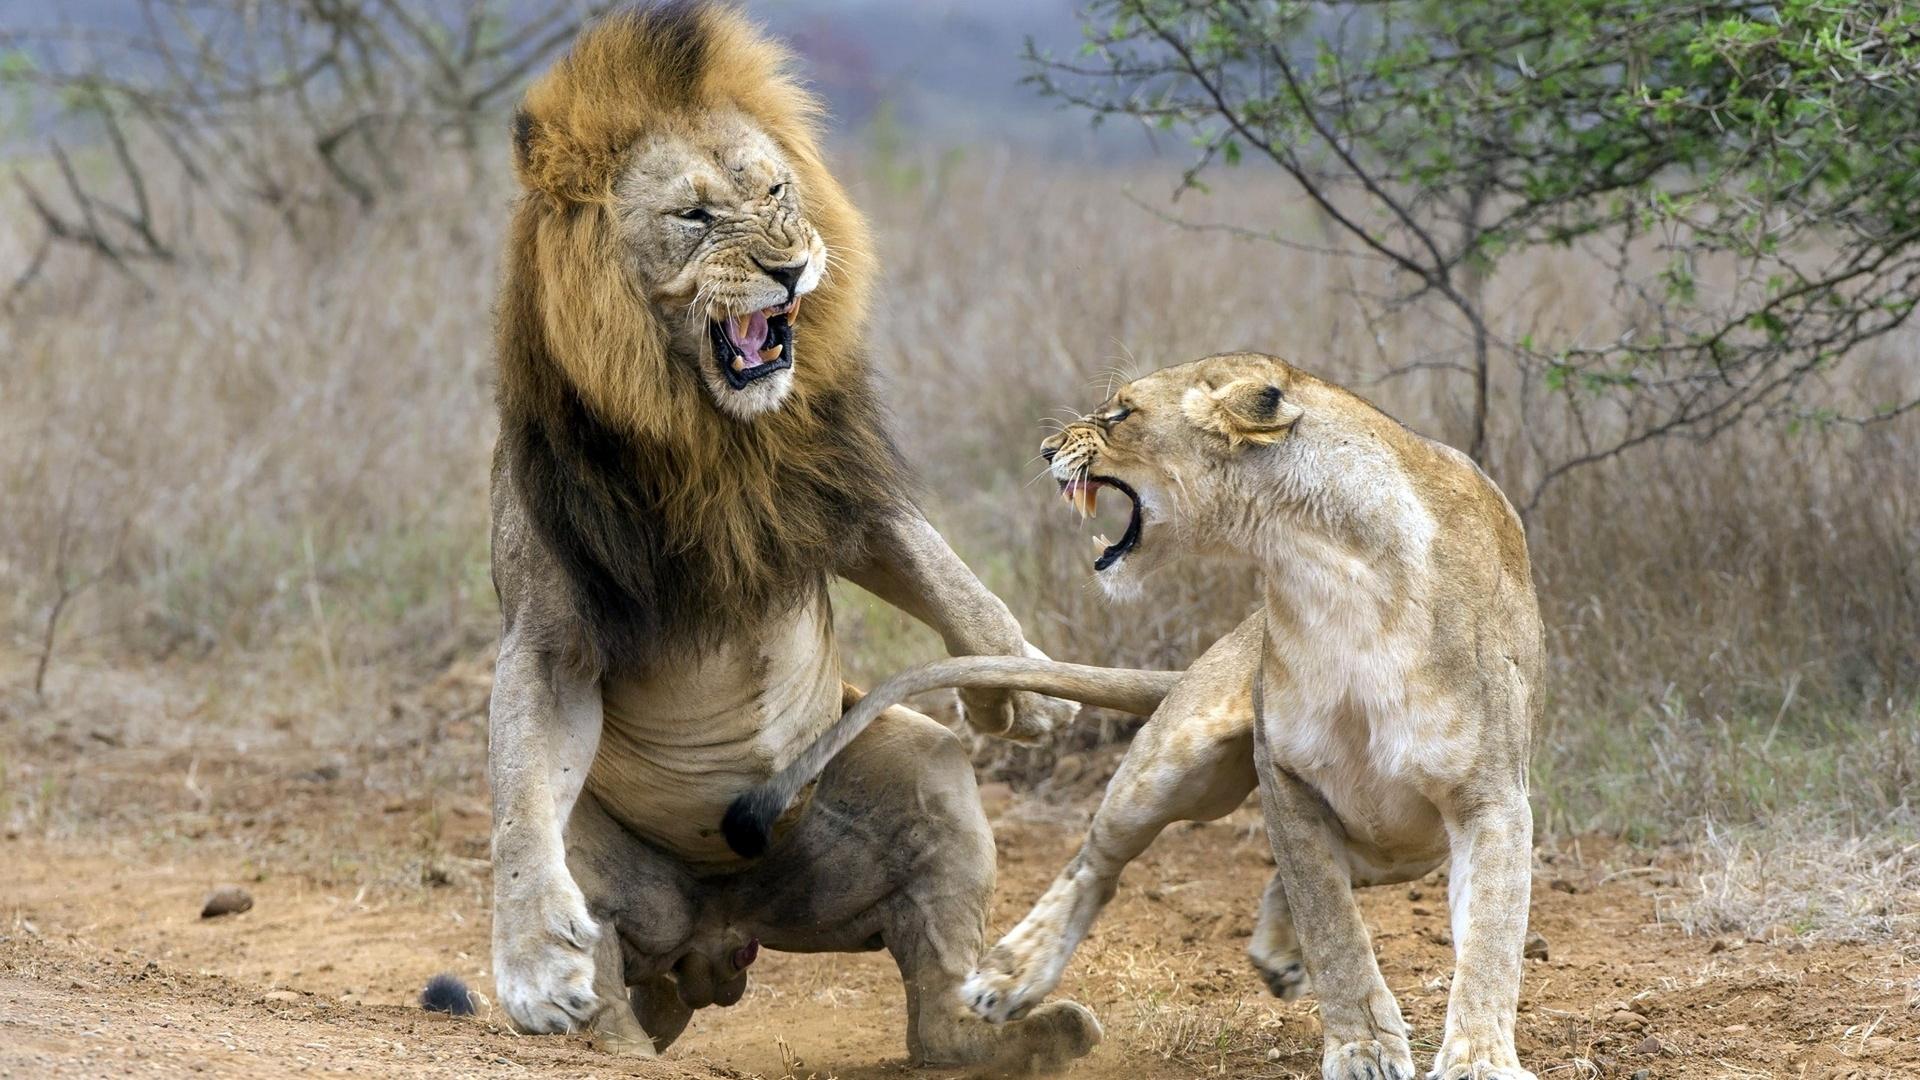 Львицы прикольные картинки, перси джексон